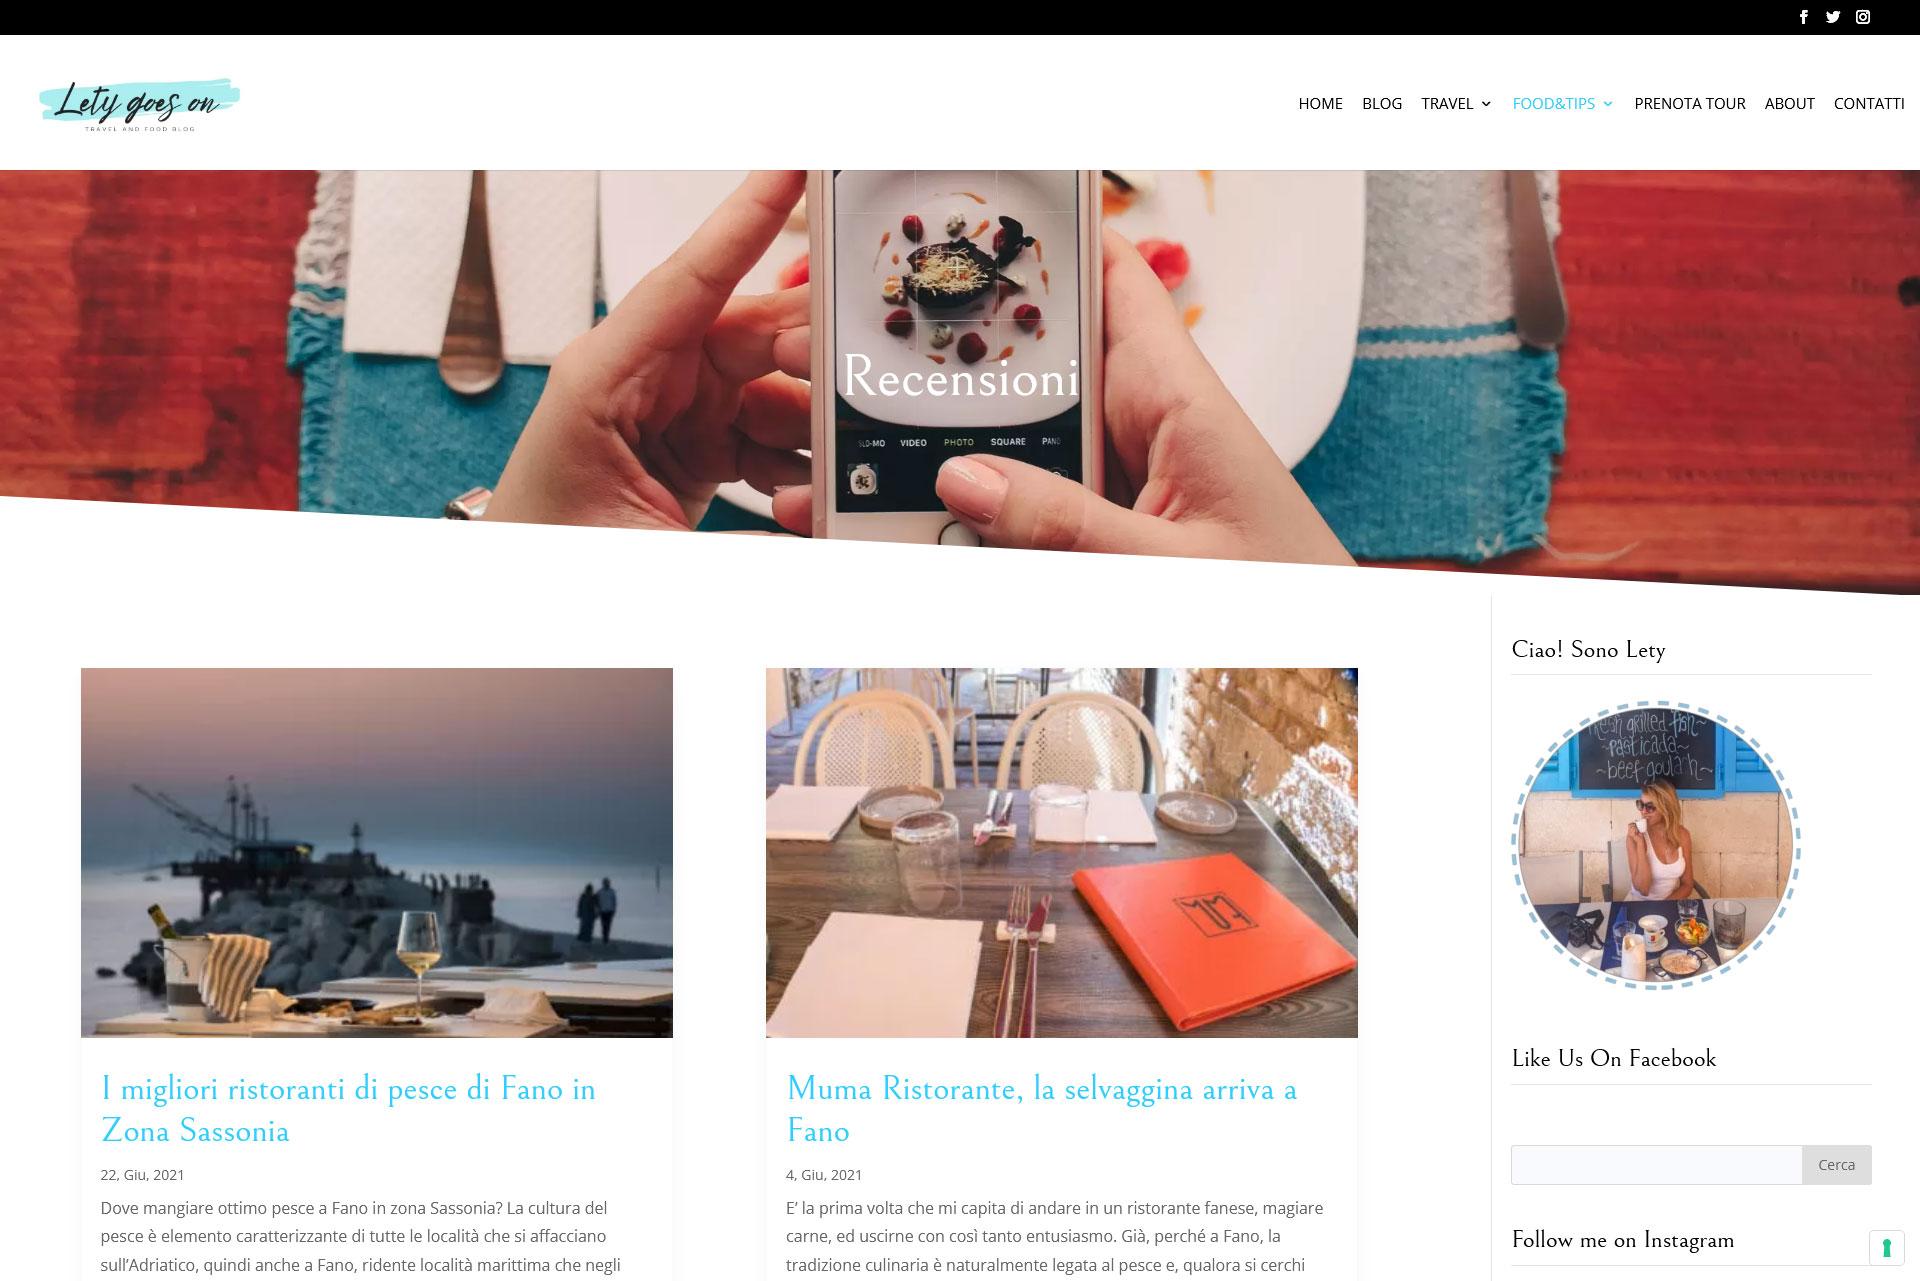 lv-design-realizzazione-siti-web-bologna-portfolio-lety-goes-on-slide-2